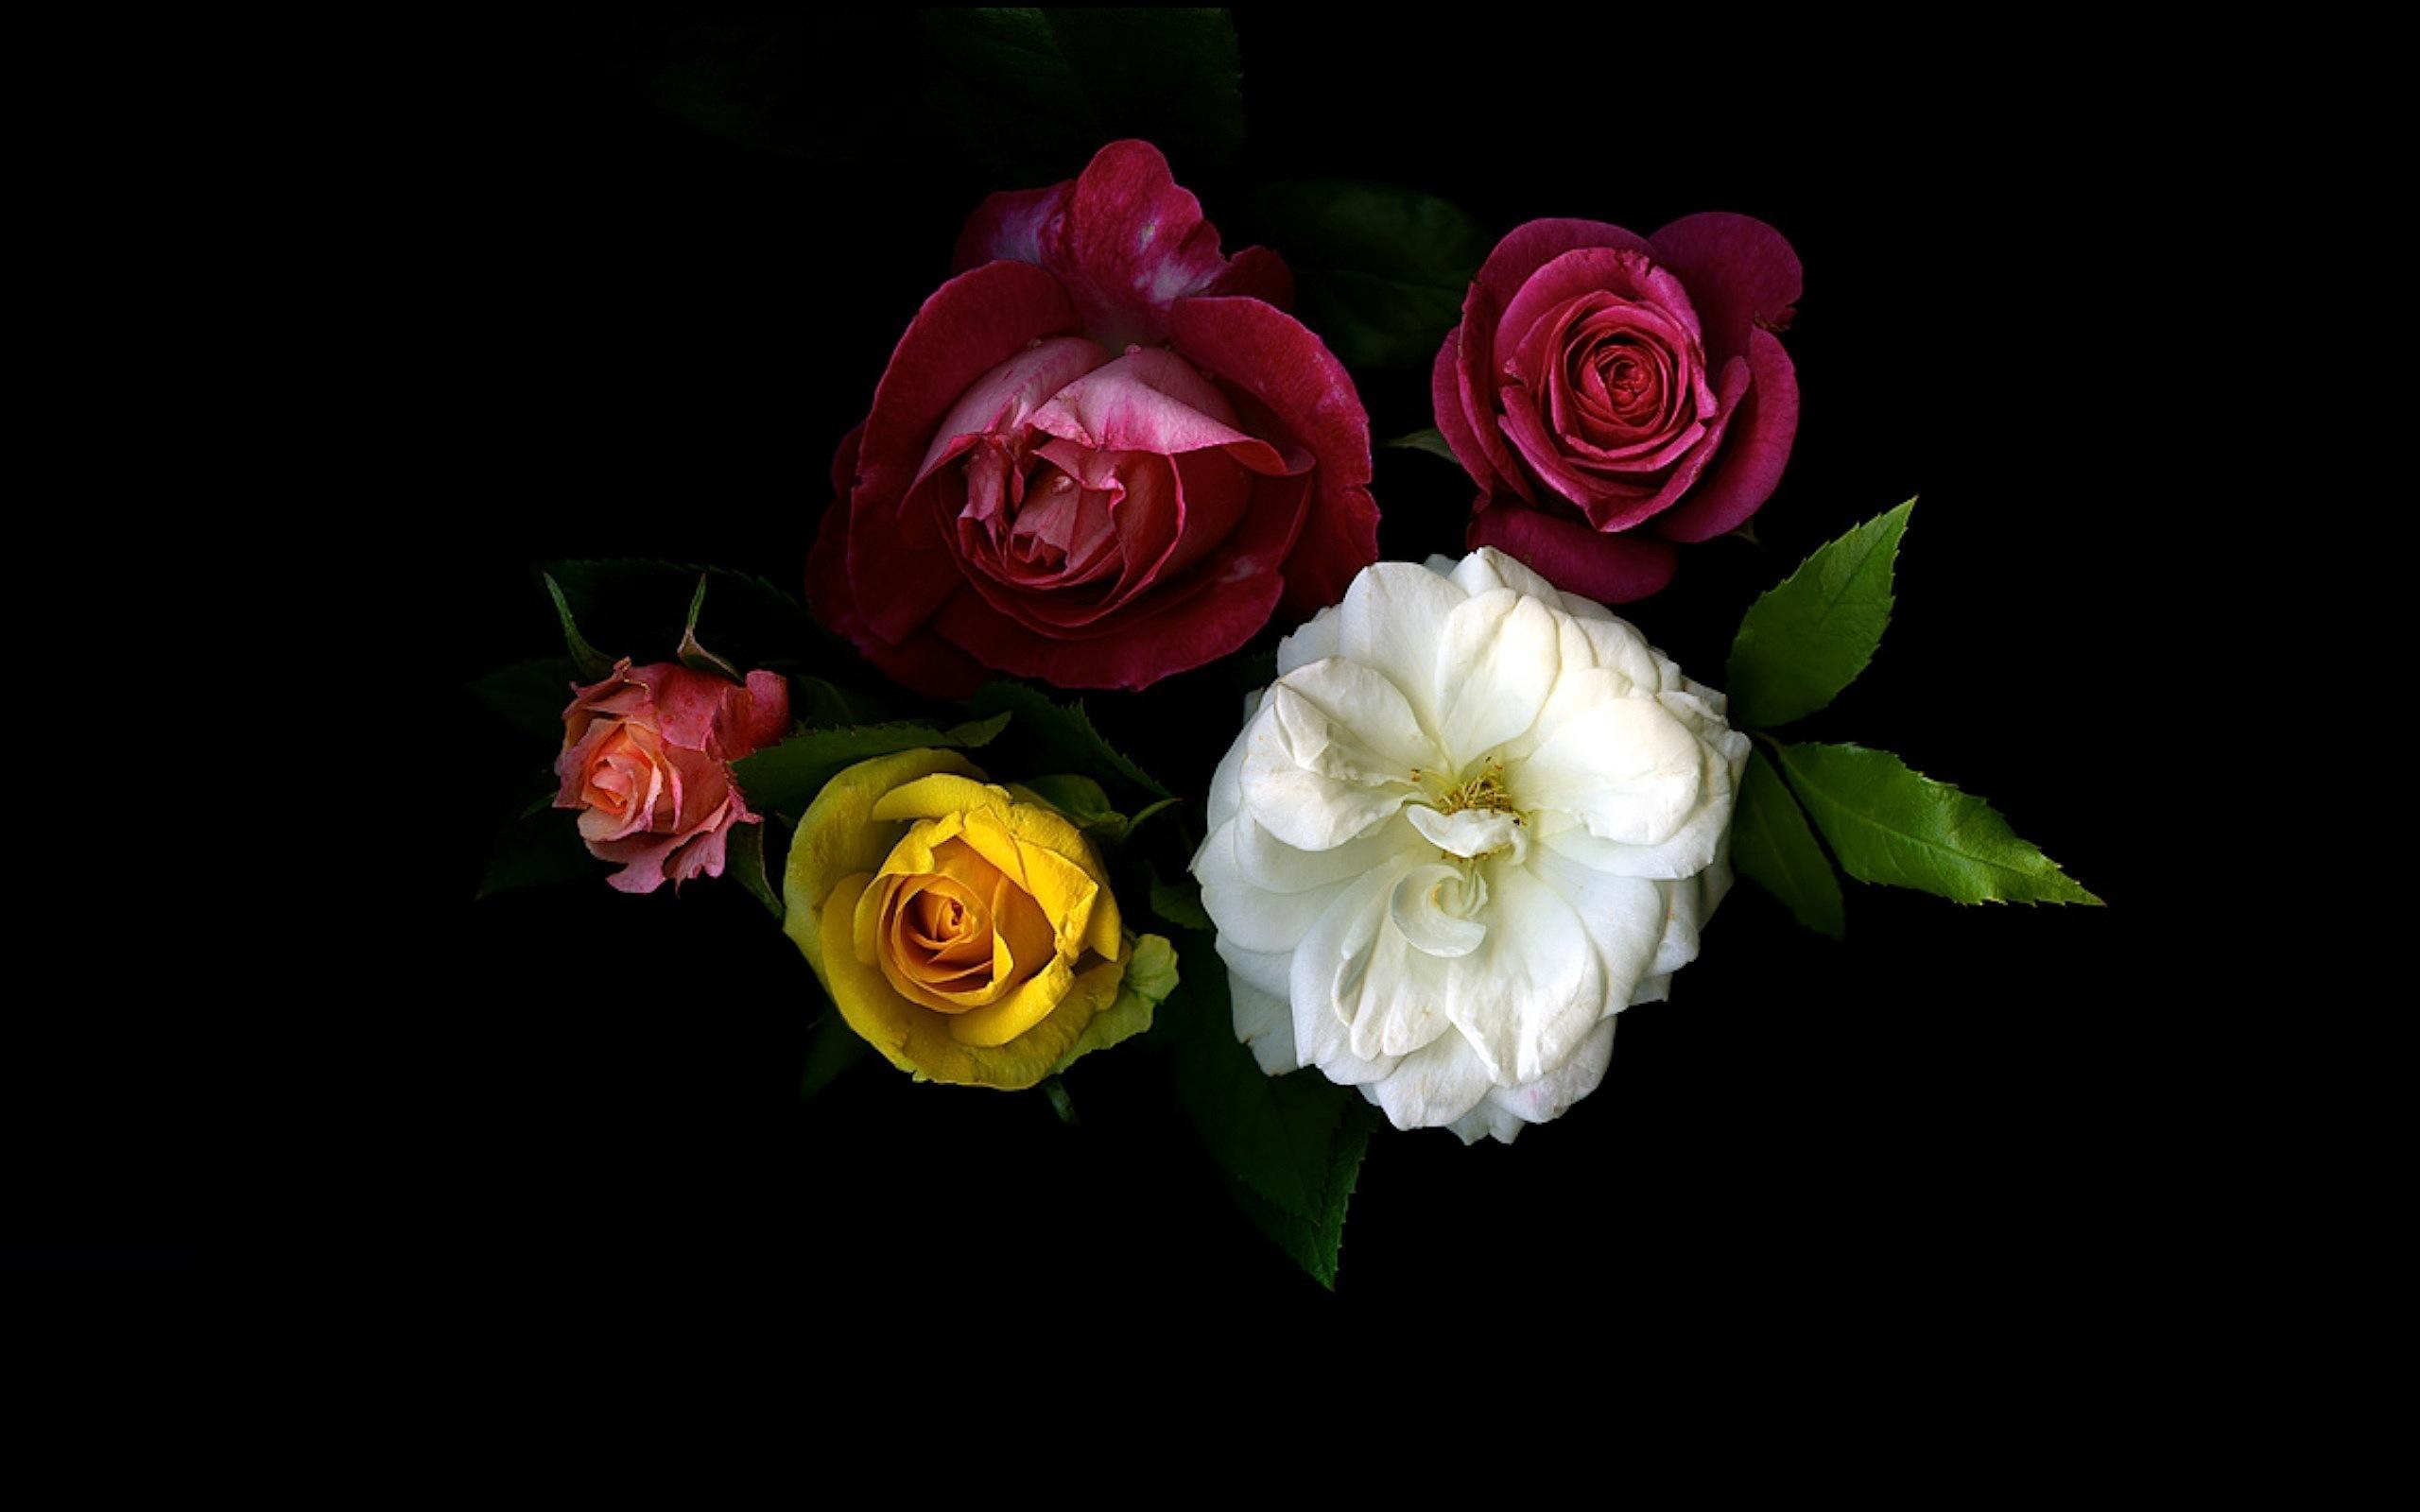 Букет цветов на черном фоне